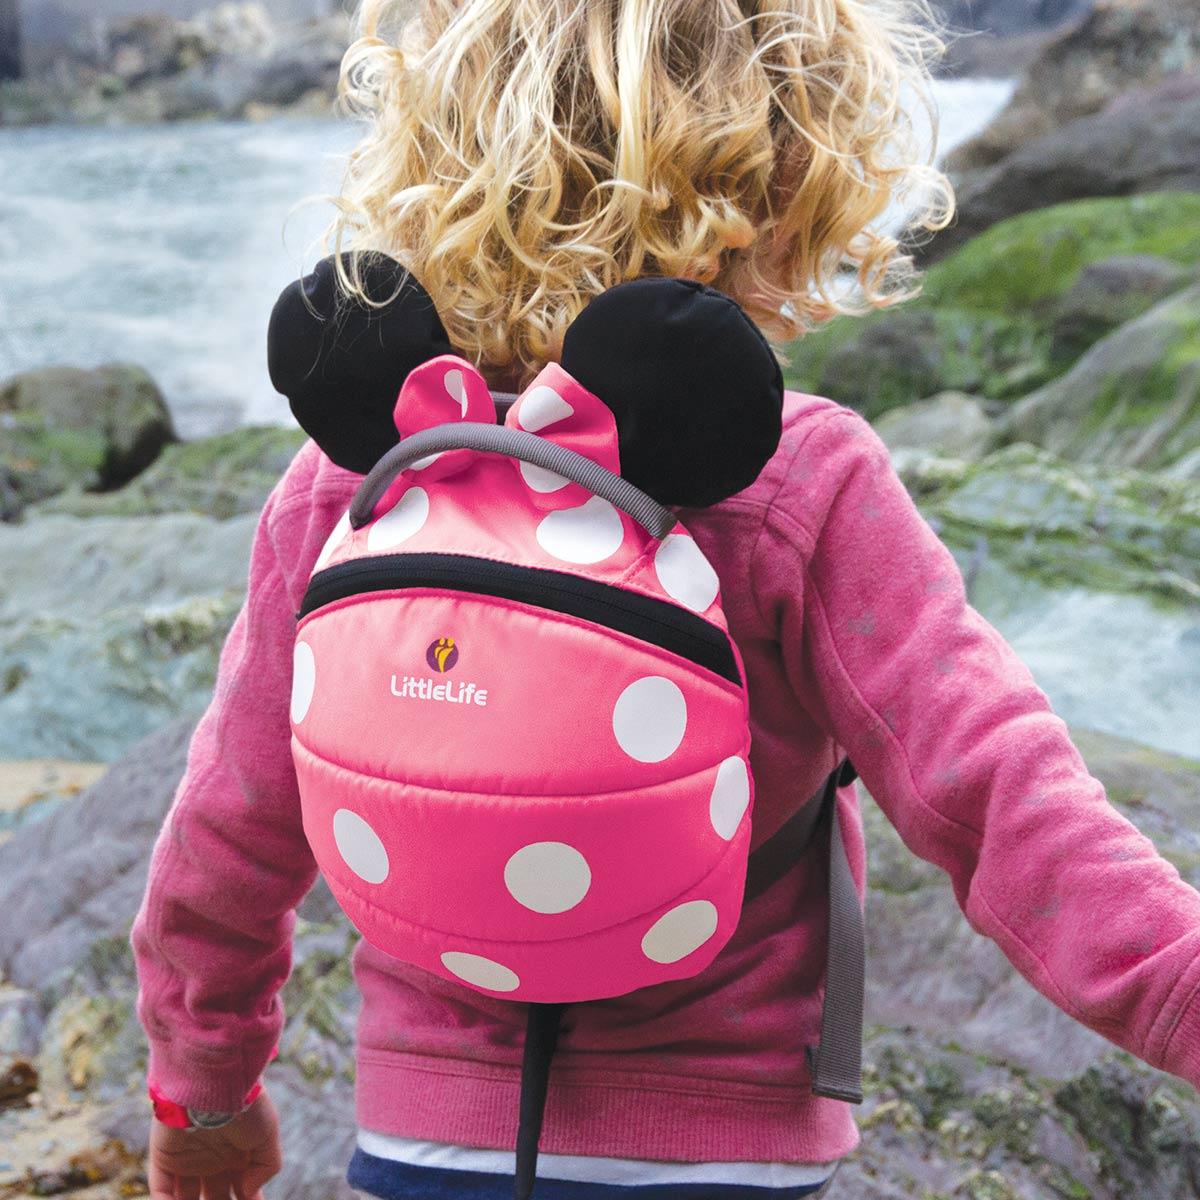 kids character backpacks kids rucksacks littlelife. Black Bedroom Furniture Sets. Home Design Ideas